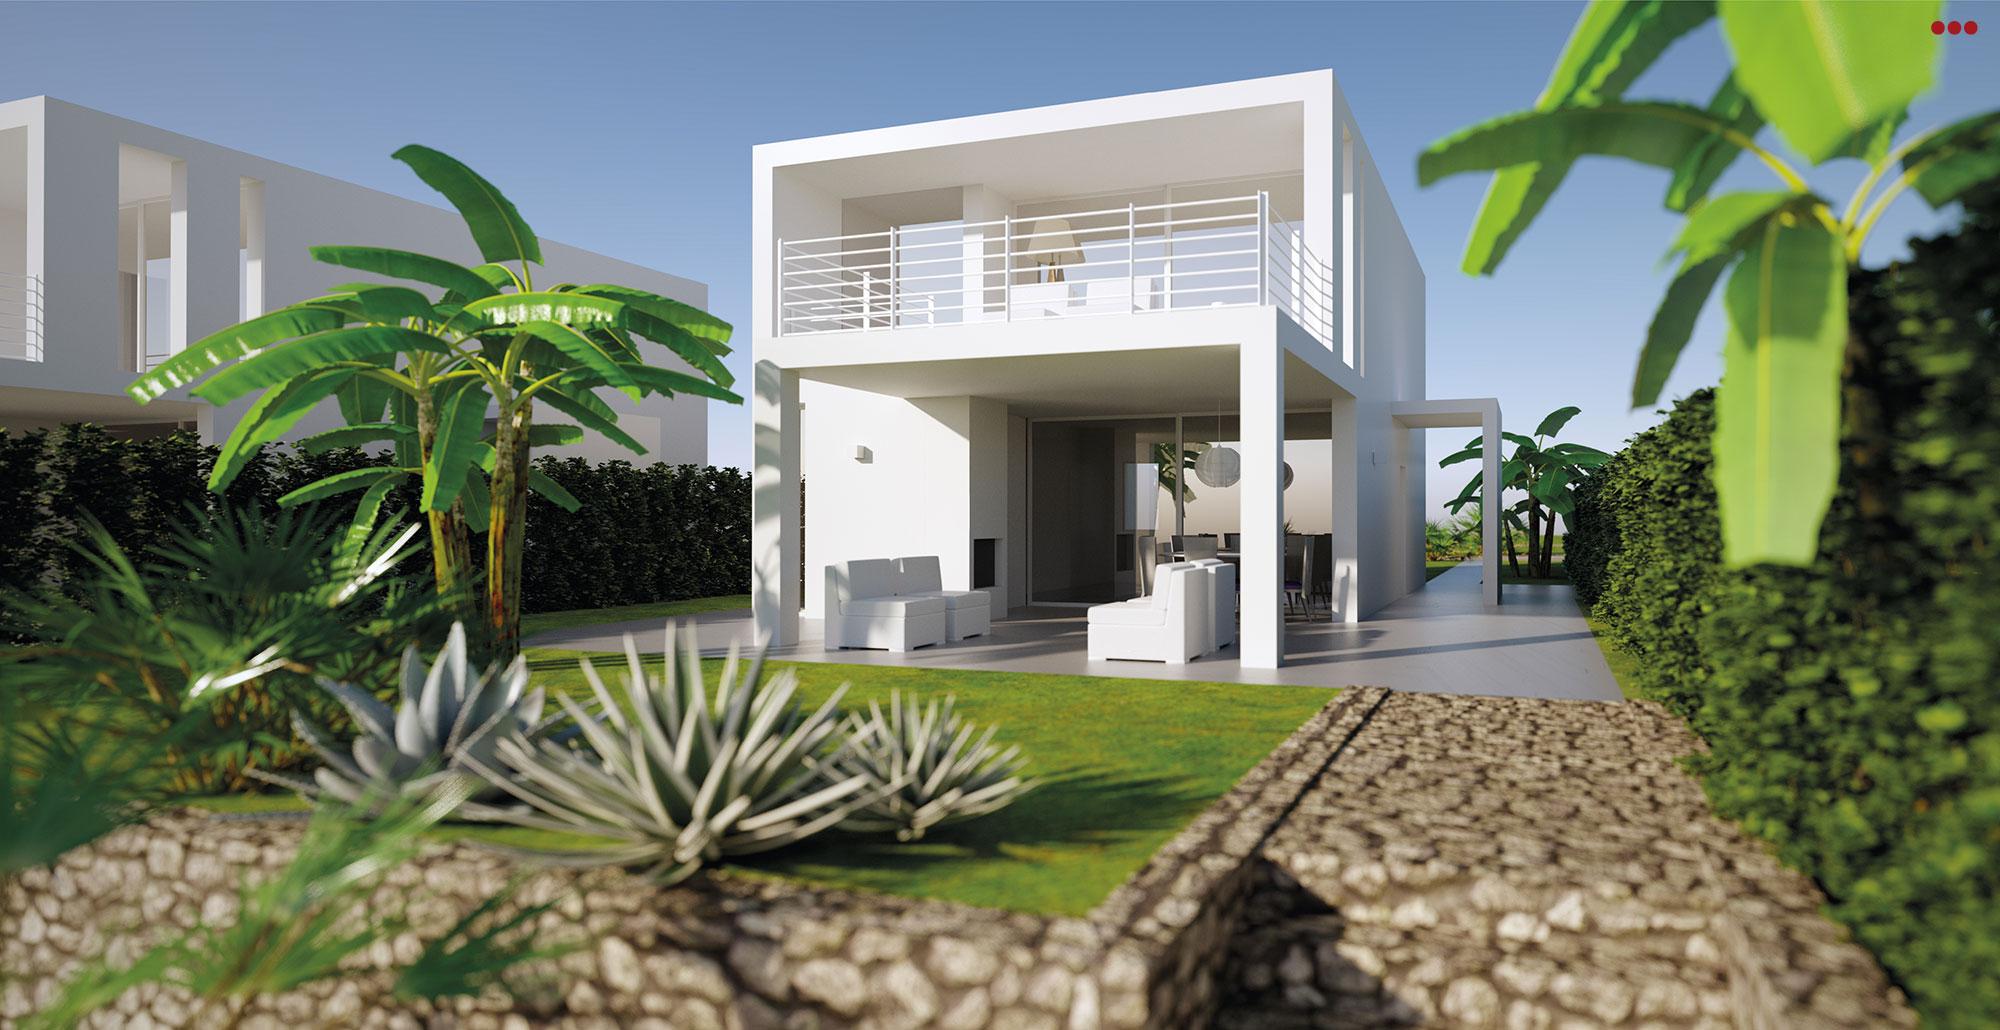 3D Studio Bartolini Villa Pemba progettazione rendering architettura grafica 15